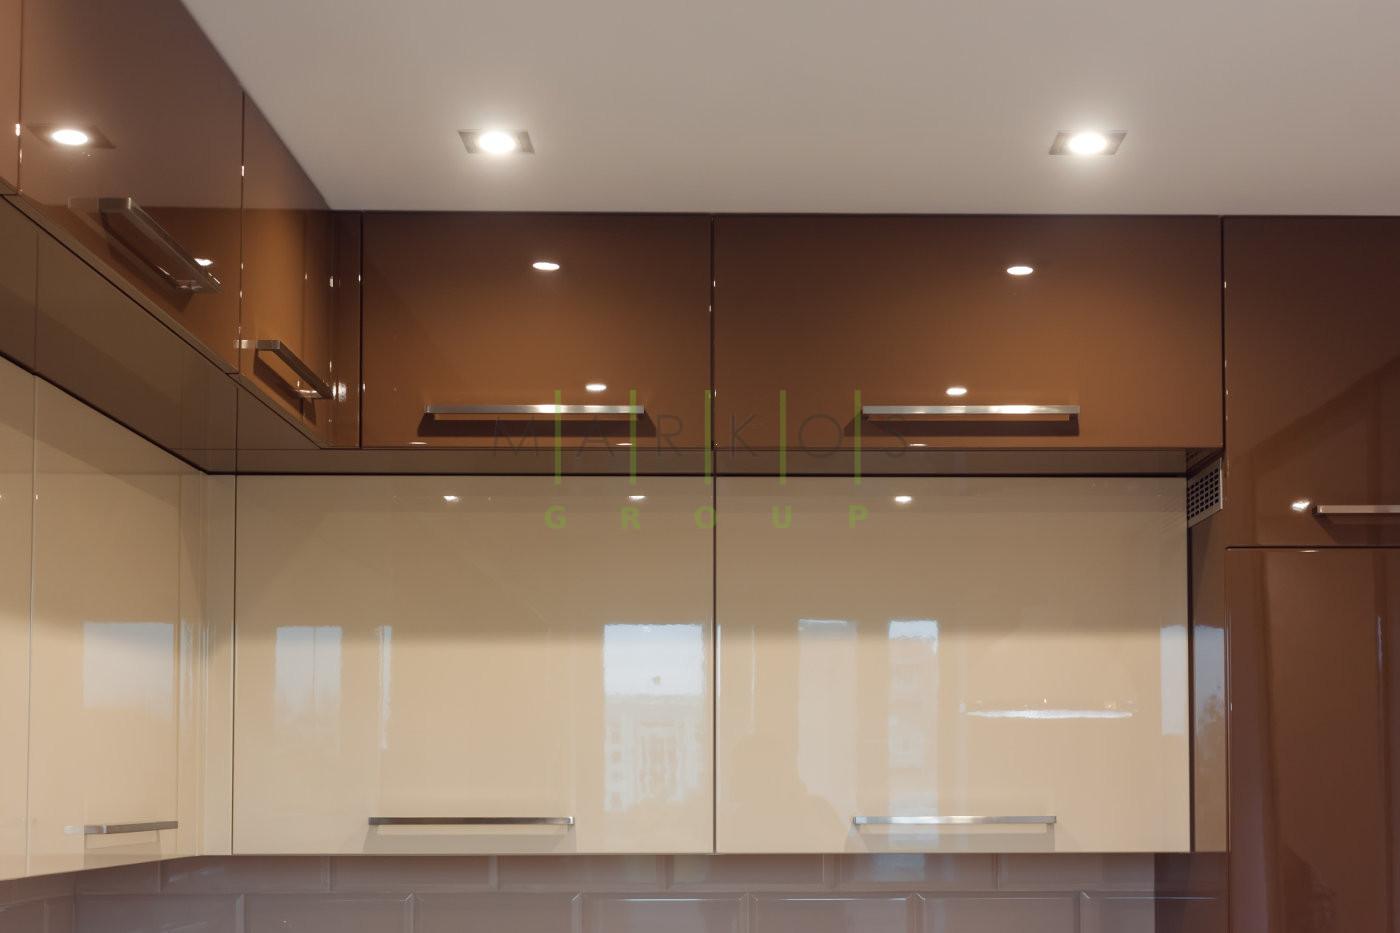 мебель для кухни изготовленная на заказ по индивидуальному дизайну в Черкассах